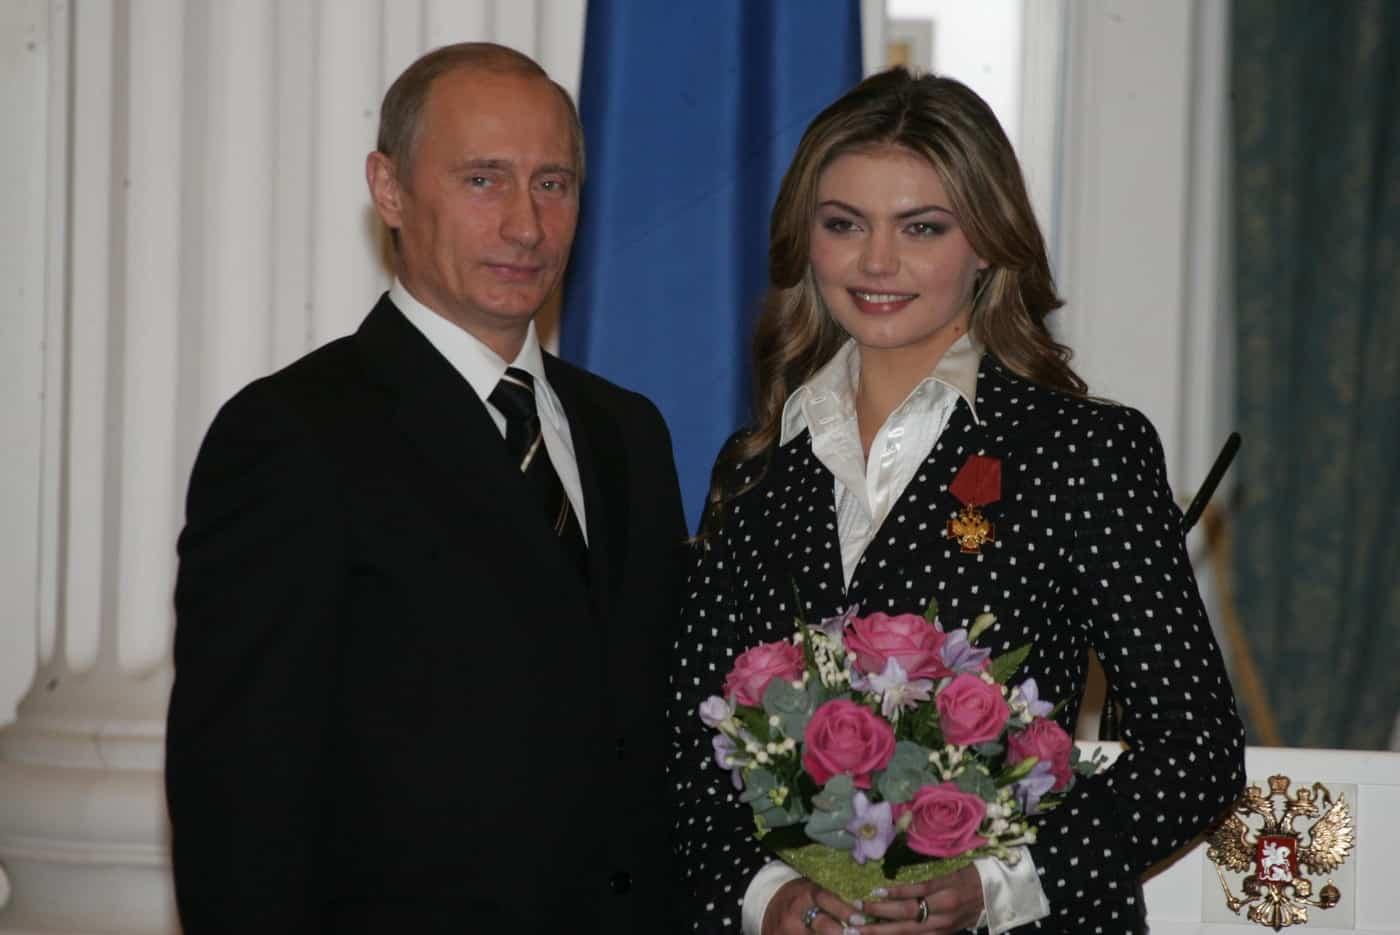 Алина Кабаева родила третьего ребенка: правда или нет. Тайна отношений с Путиным, где прошла свадьба